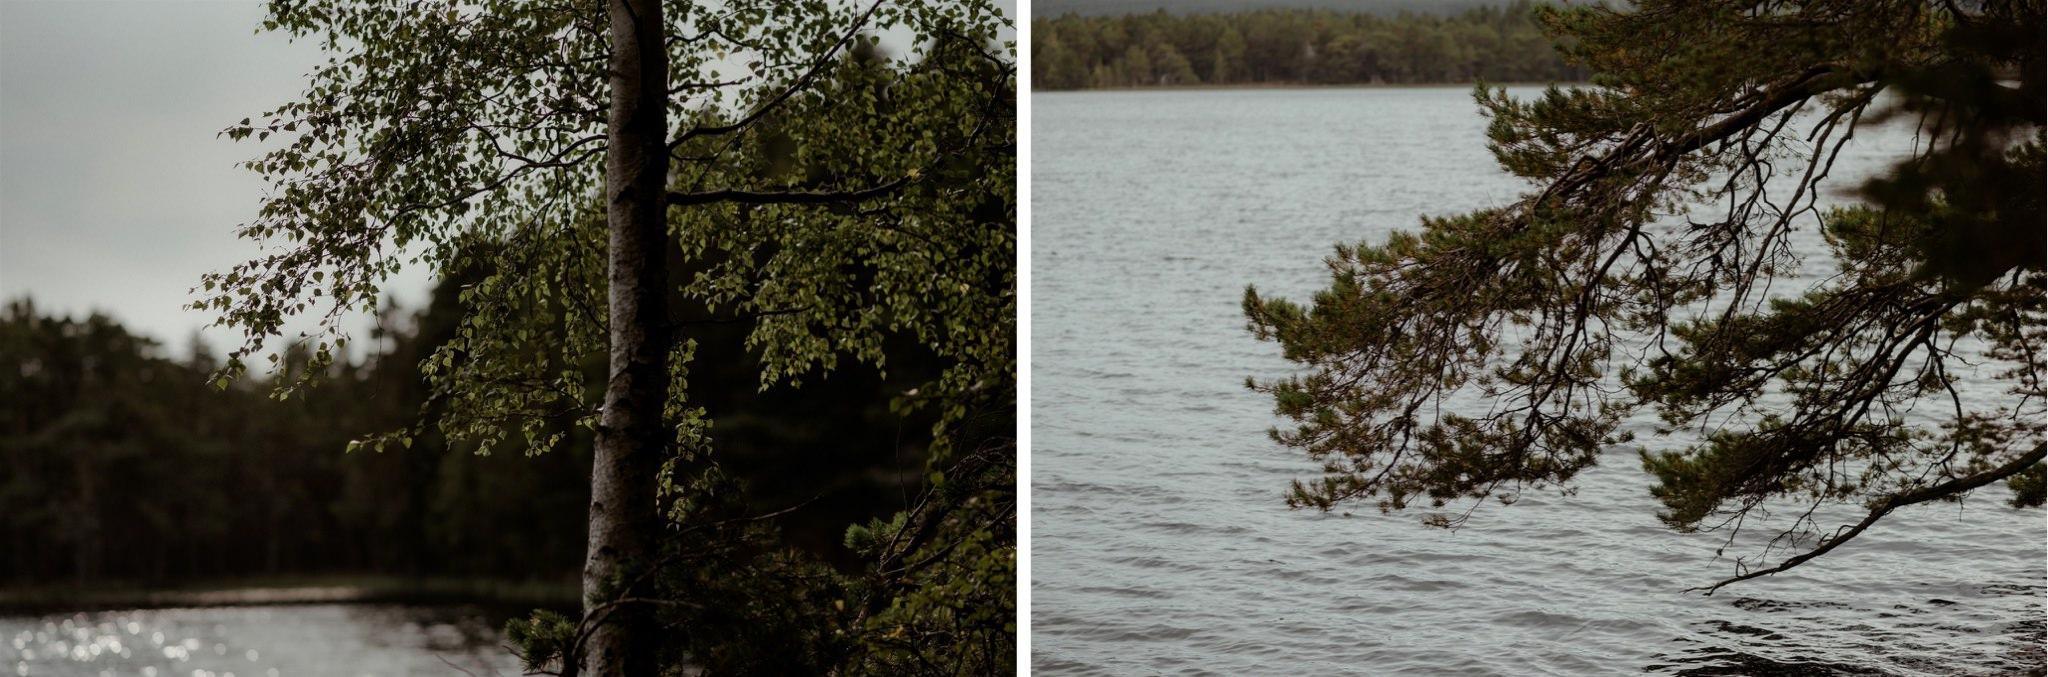 Loch Garten trees